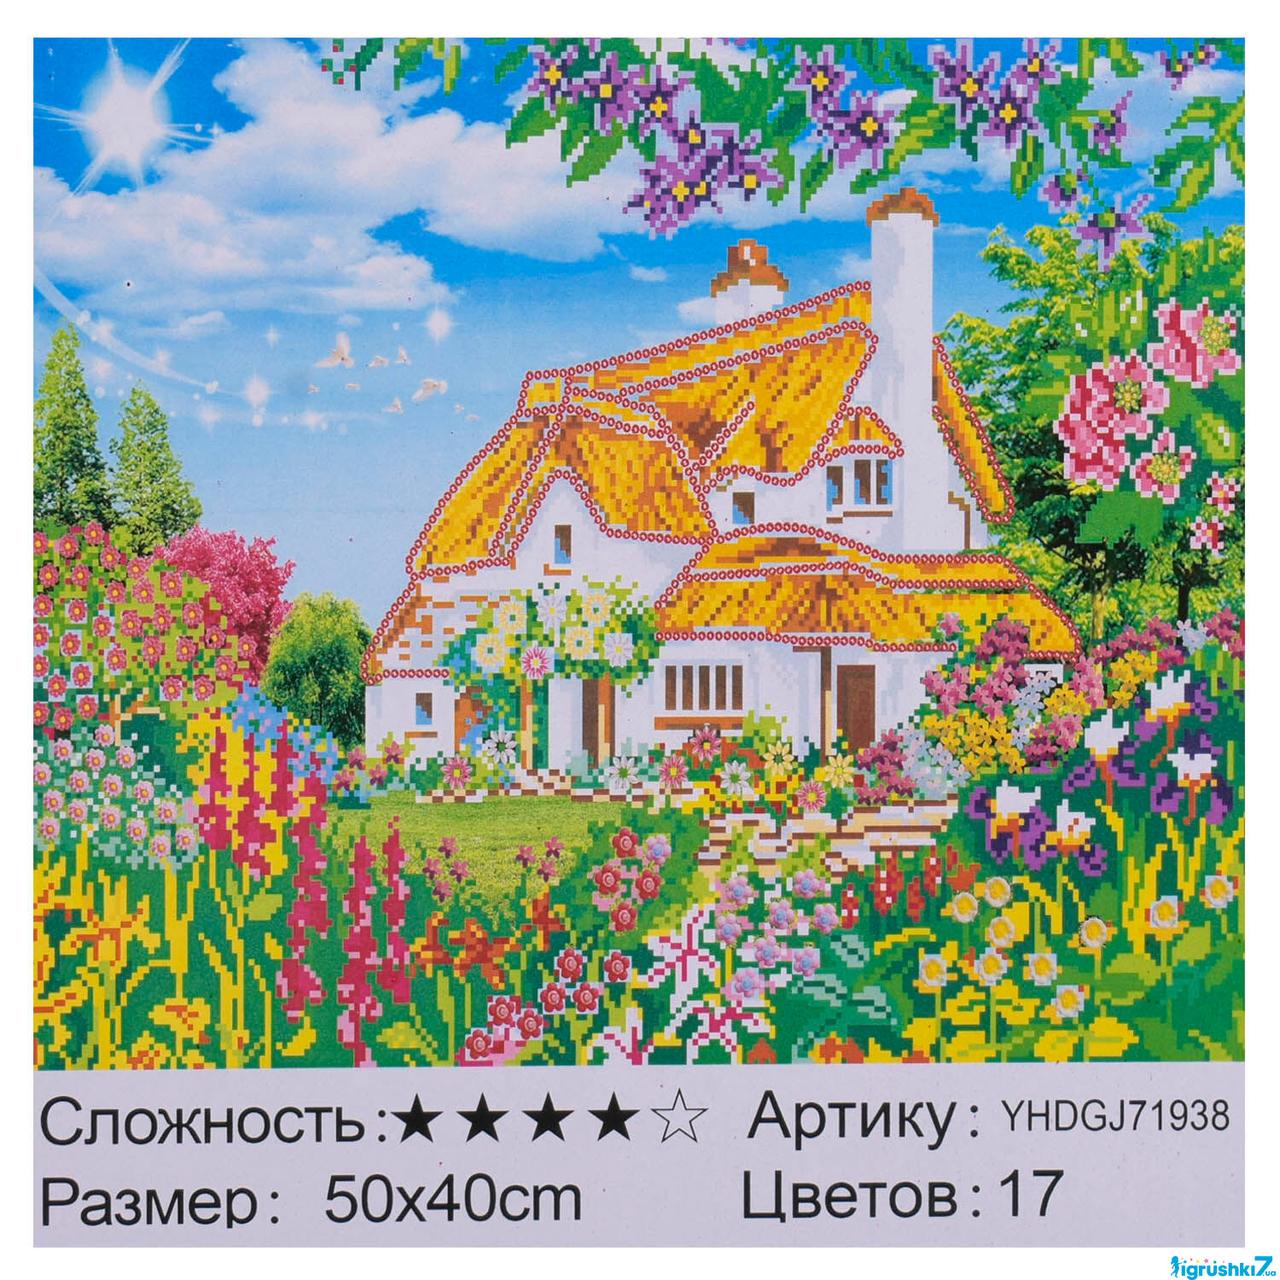 Картина по номерам + Алмазная мозаика 2в1 YHDGJ 71938  50х40см. Раскраска пейзаж